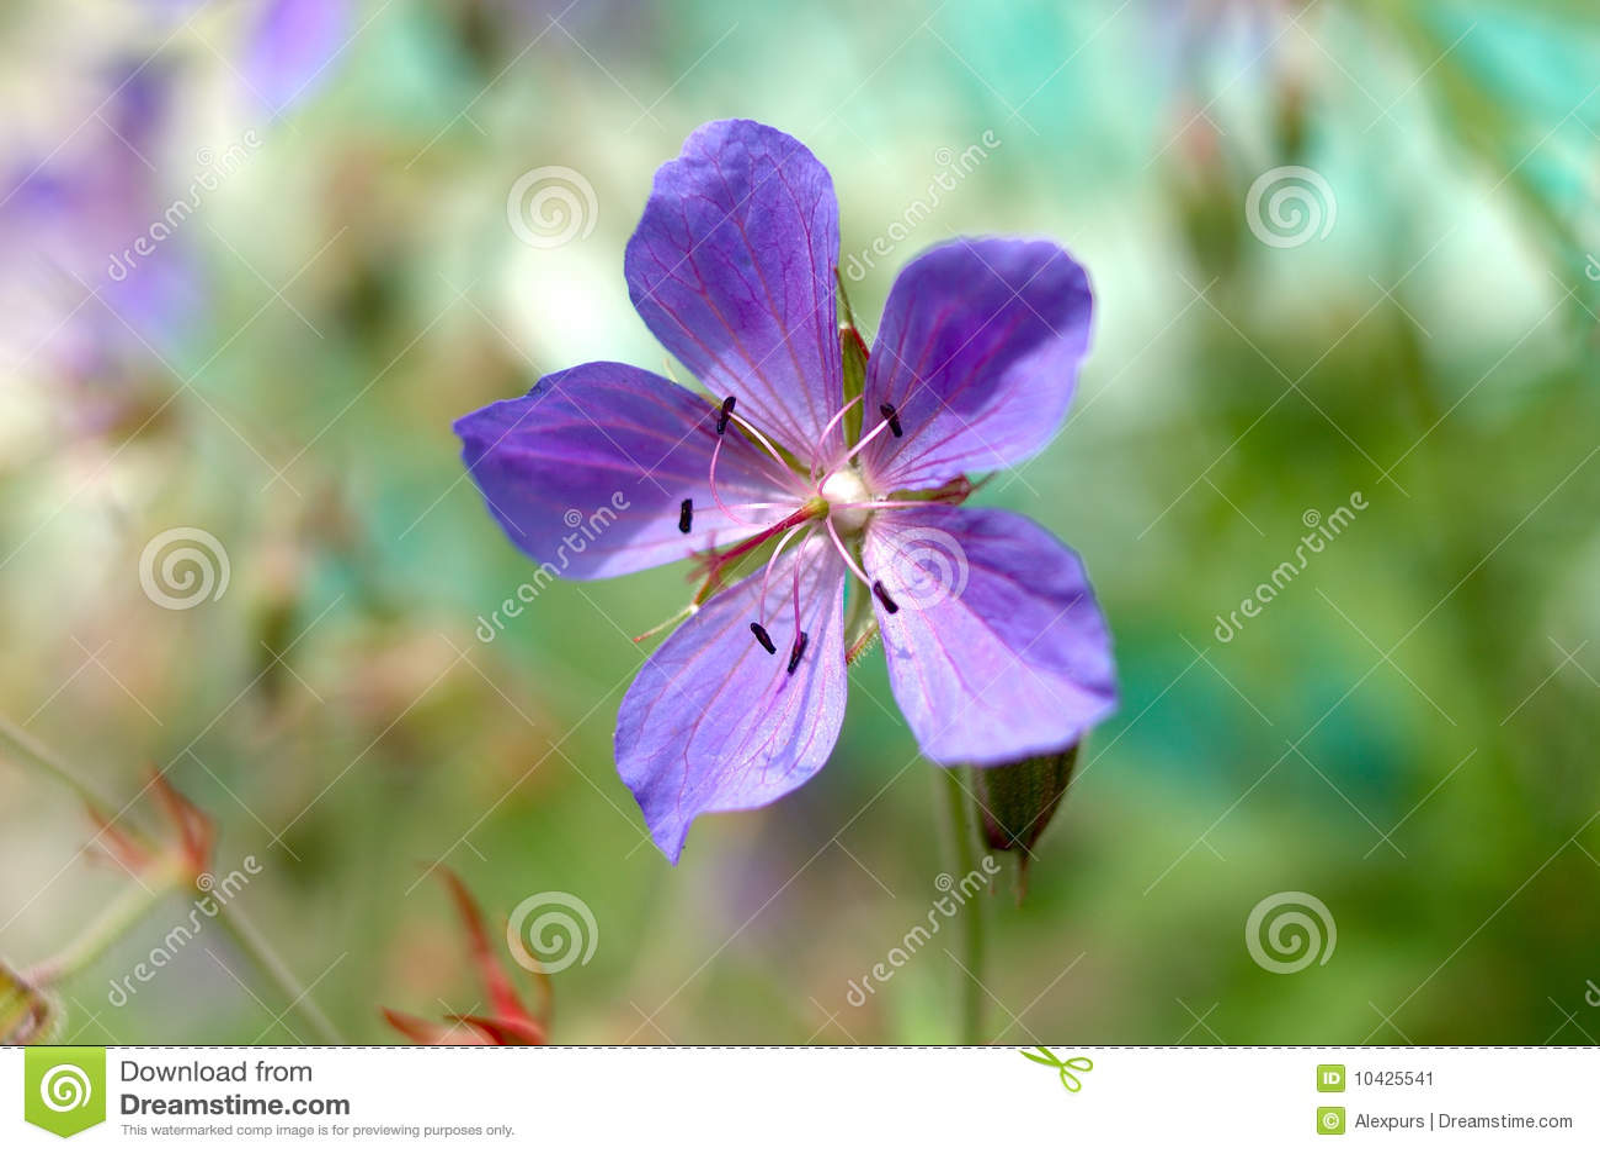 flores jardim do mar : flores jardim do mar:Flores Azuis Do Jardim. Imagem de Stock – Imagem: 10425541